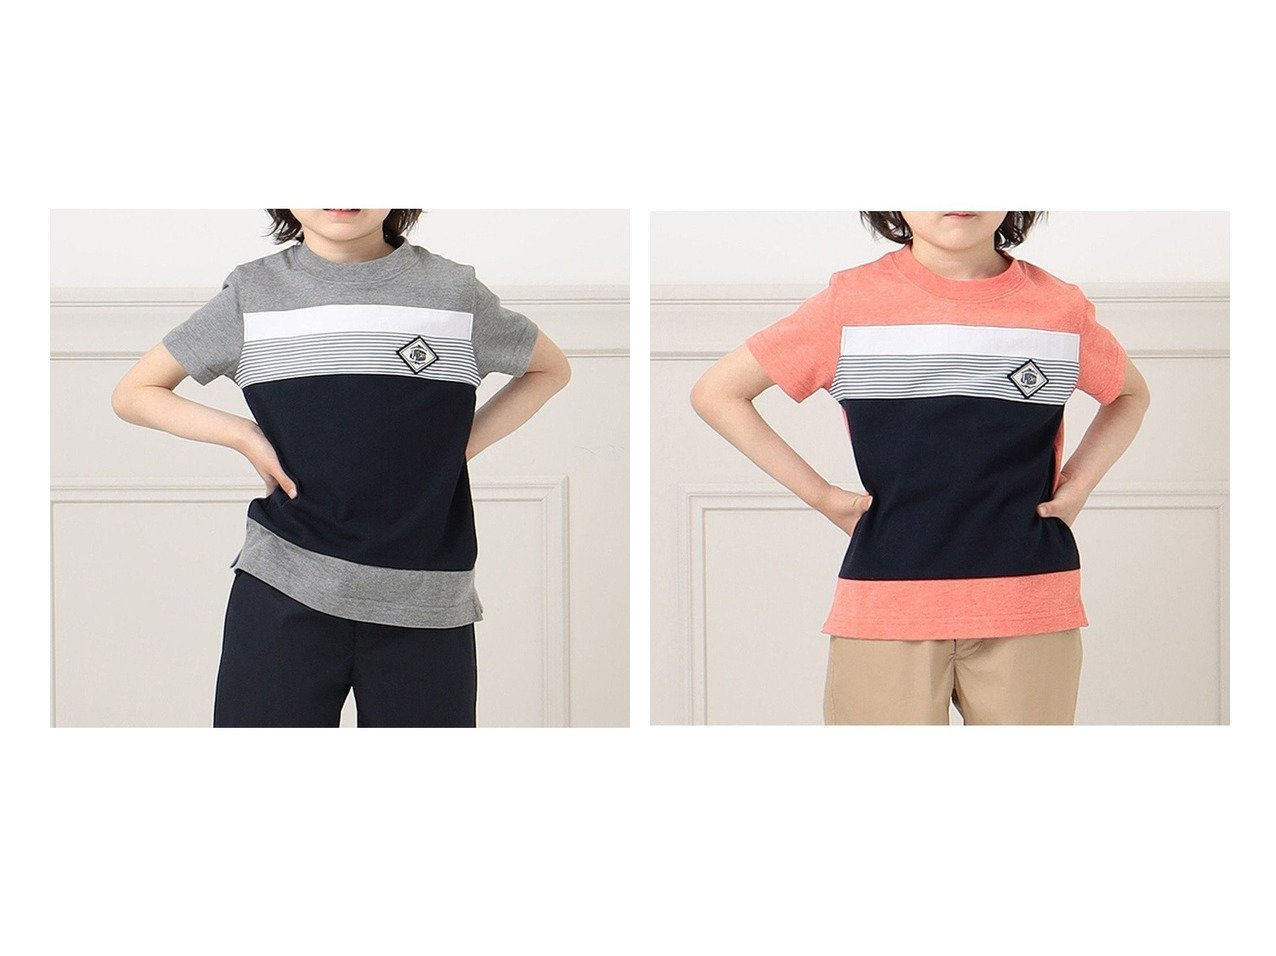 【J.PRESS / KIDS/ジェイ プレス】の【110-130cm】2天竺ブロッキングTシャツ 【KIDS】子供服のおすすめ!人気トレンド・キッズファッションの通販 おすすめで人気の流行・トレンド、ファッションの通販商品 メンズファッション・キッズファッション・インテリア・家具・レディースファッション・服の通販 founy(ファニー) https://founy.com/ ファッション Fashion キッズファッション KIDS トップス・カットソー Tops/Tees/Kids 送料無料 Free Shipping カットソー ブロッキング 洗える  ID:crp329100000035748